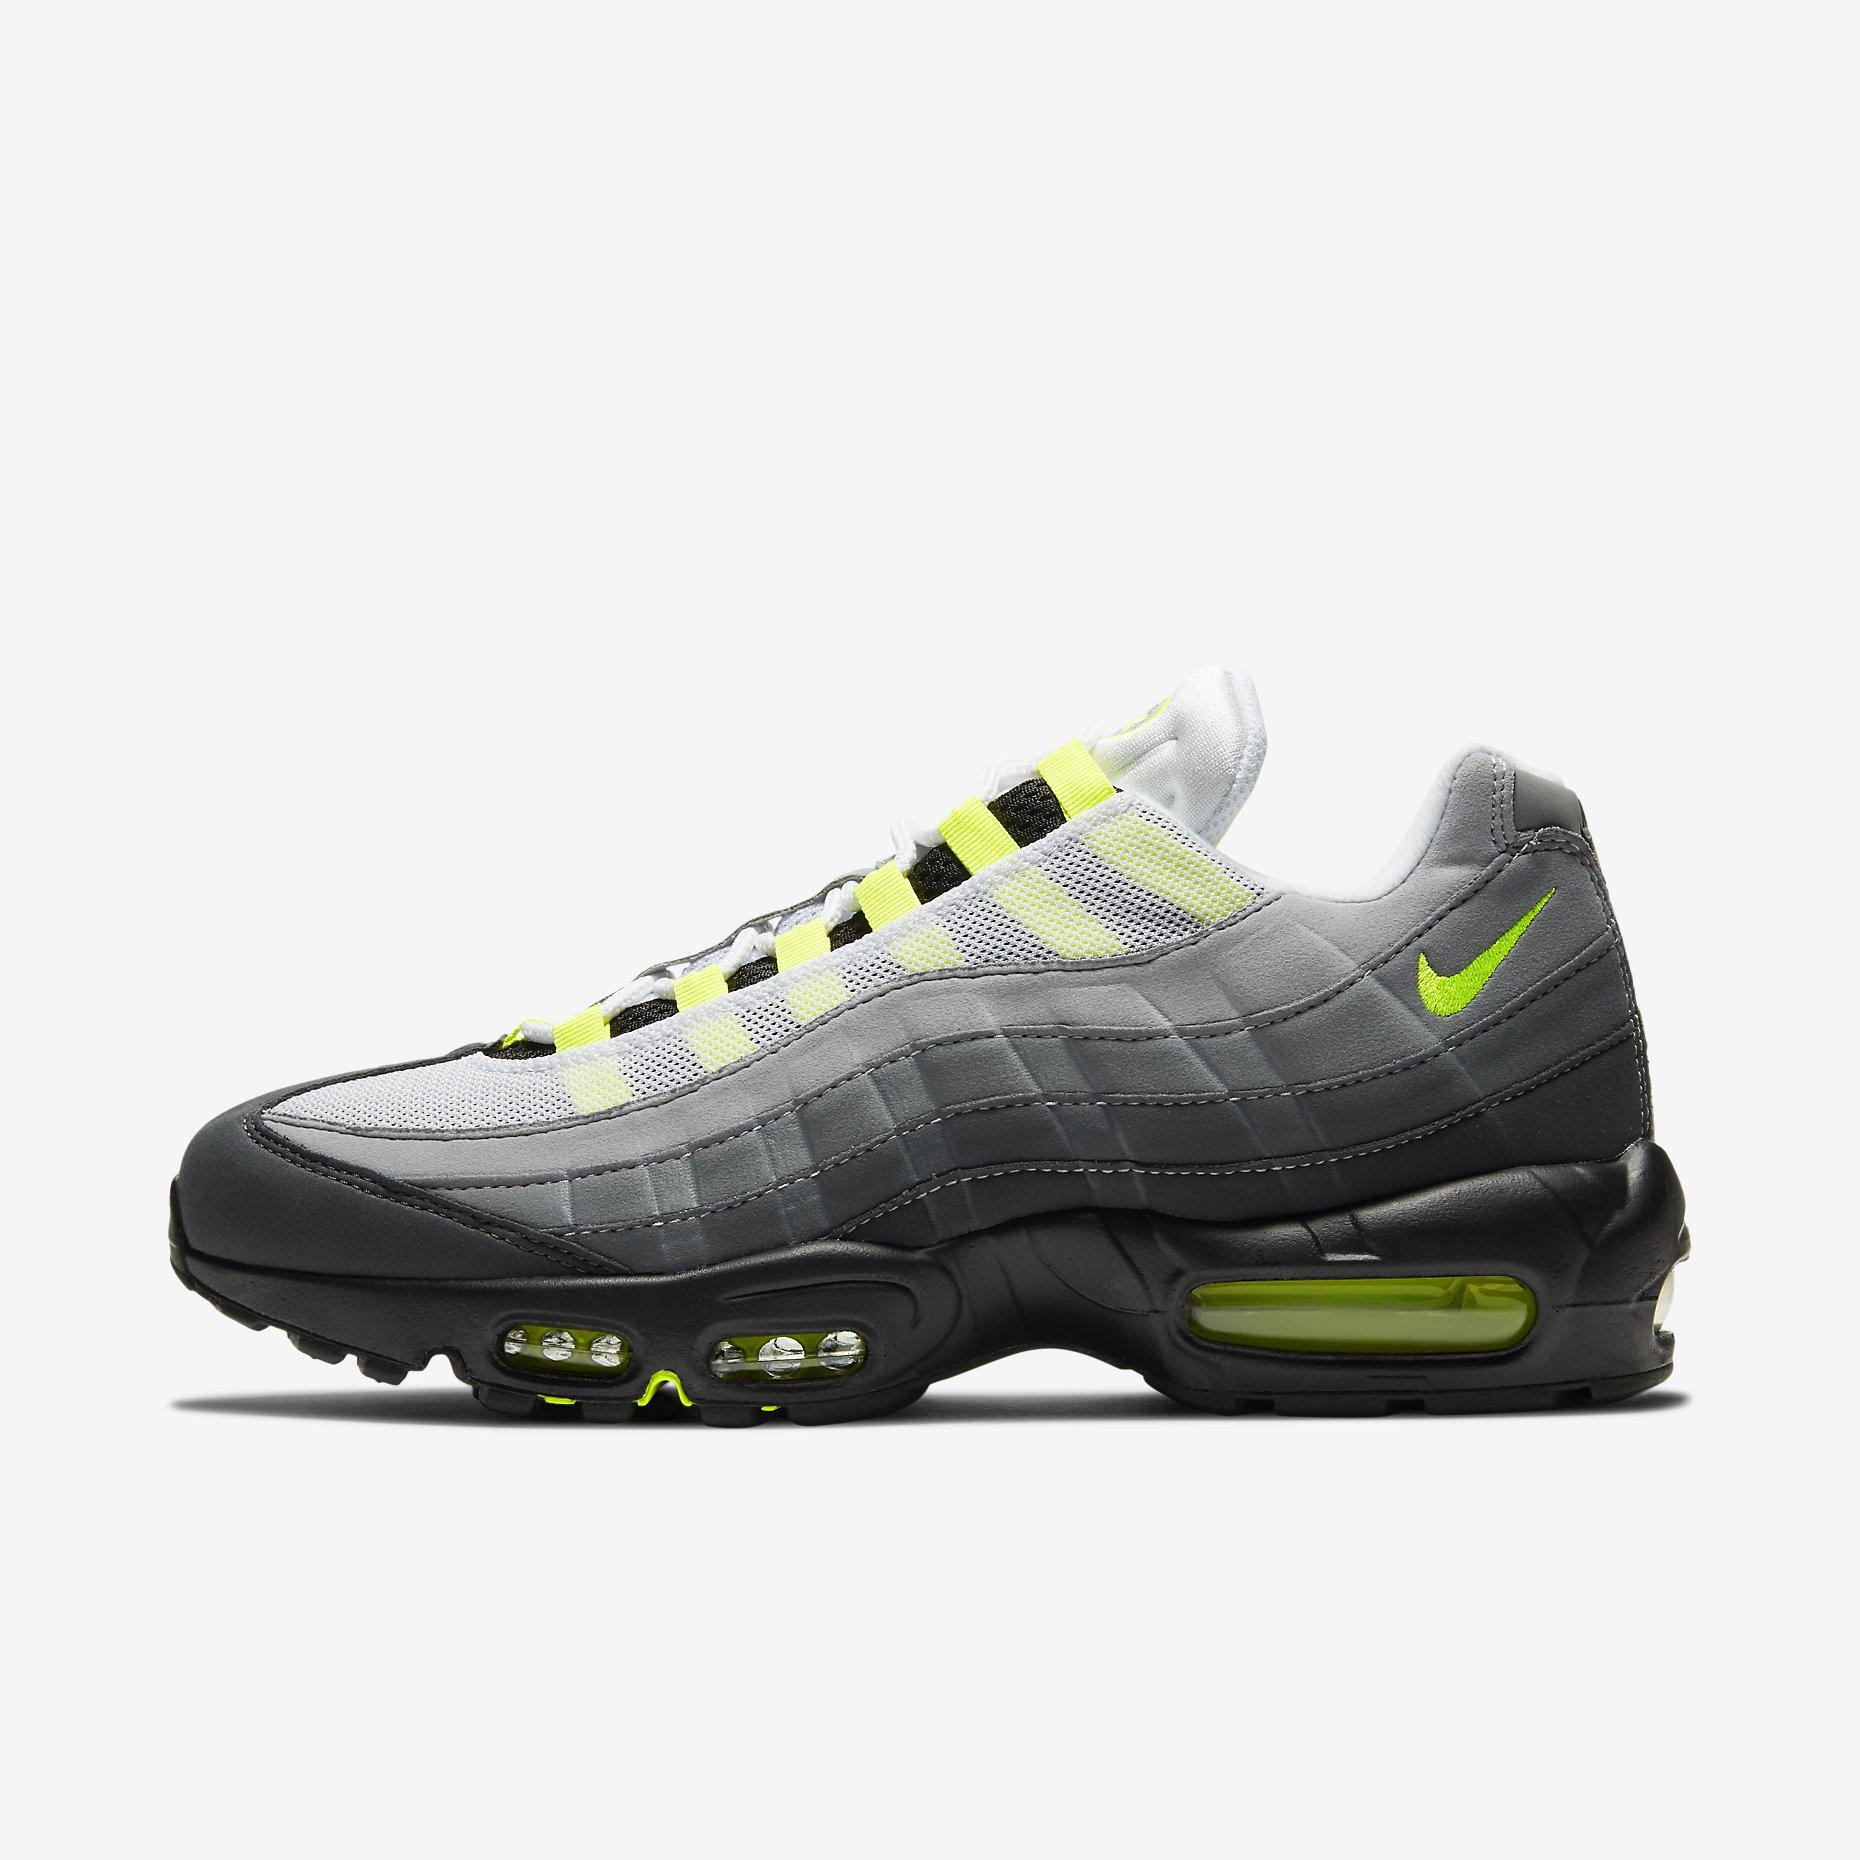 Nike Air Max 95 'Neon' 2020}